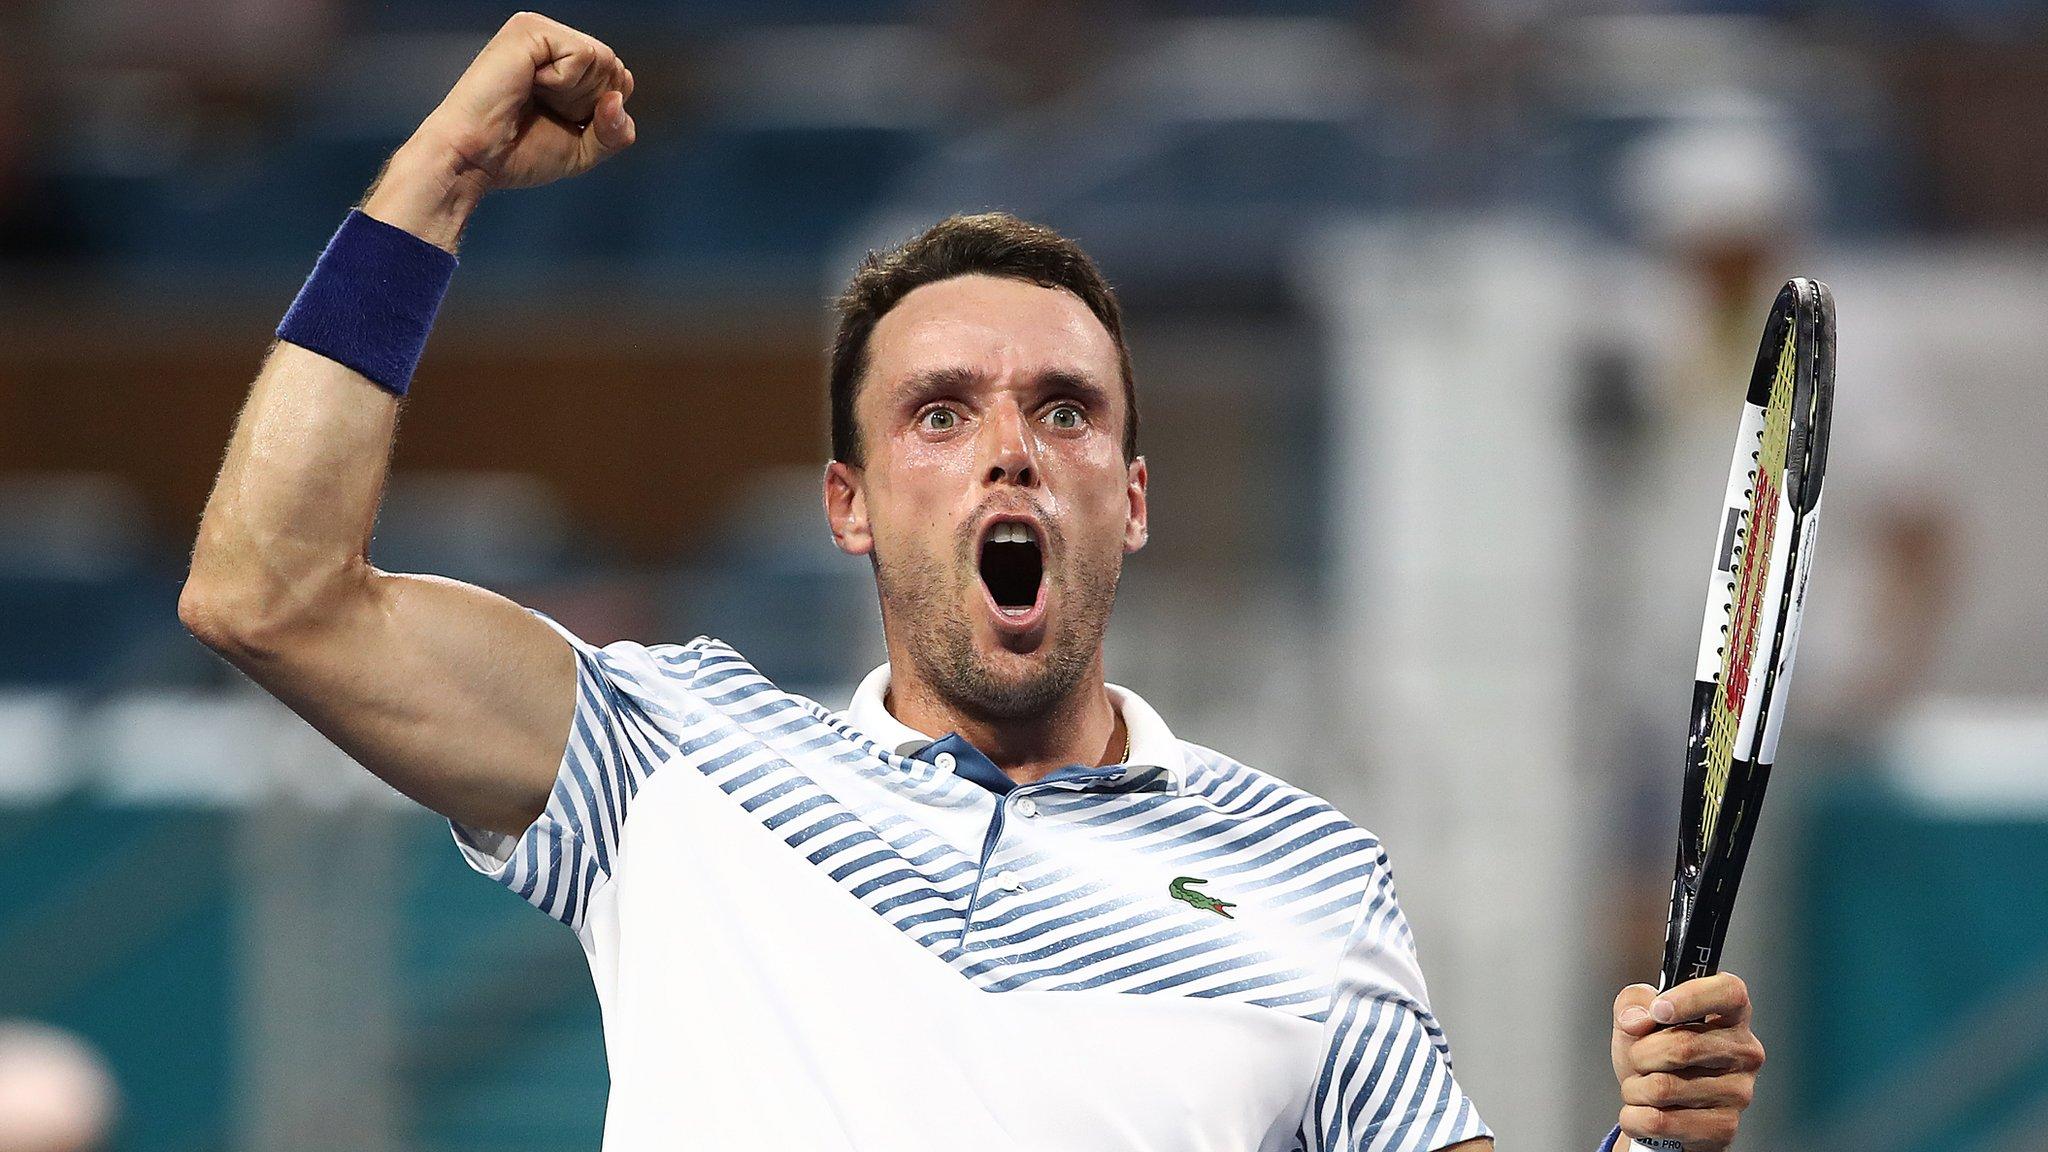 Miami Open: Novak Djokovic & Kyle Edmund lose in fourth round